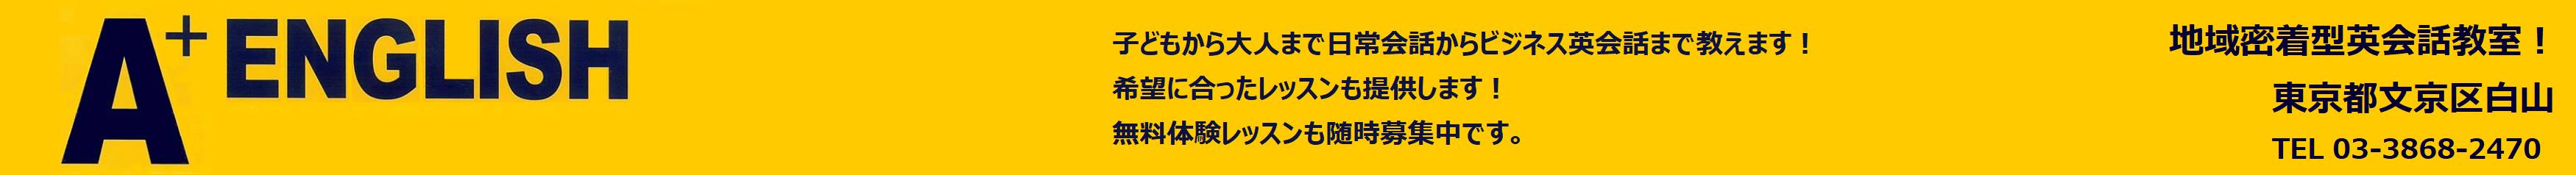 東京都文京区白山。地域密着型英会話教室。